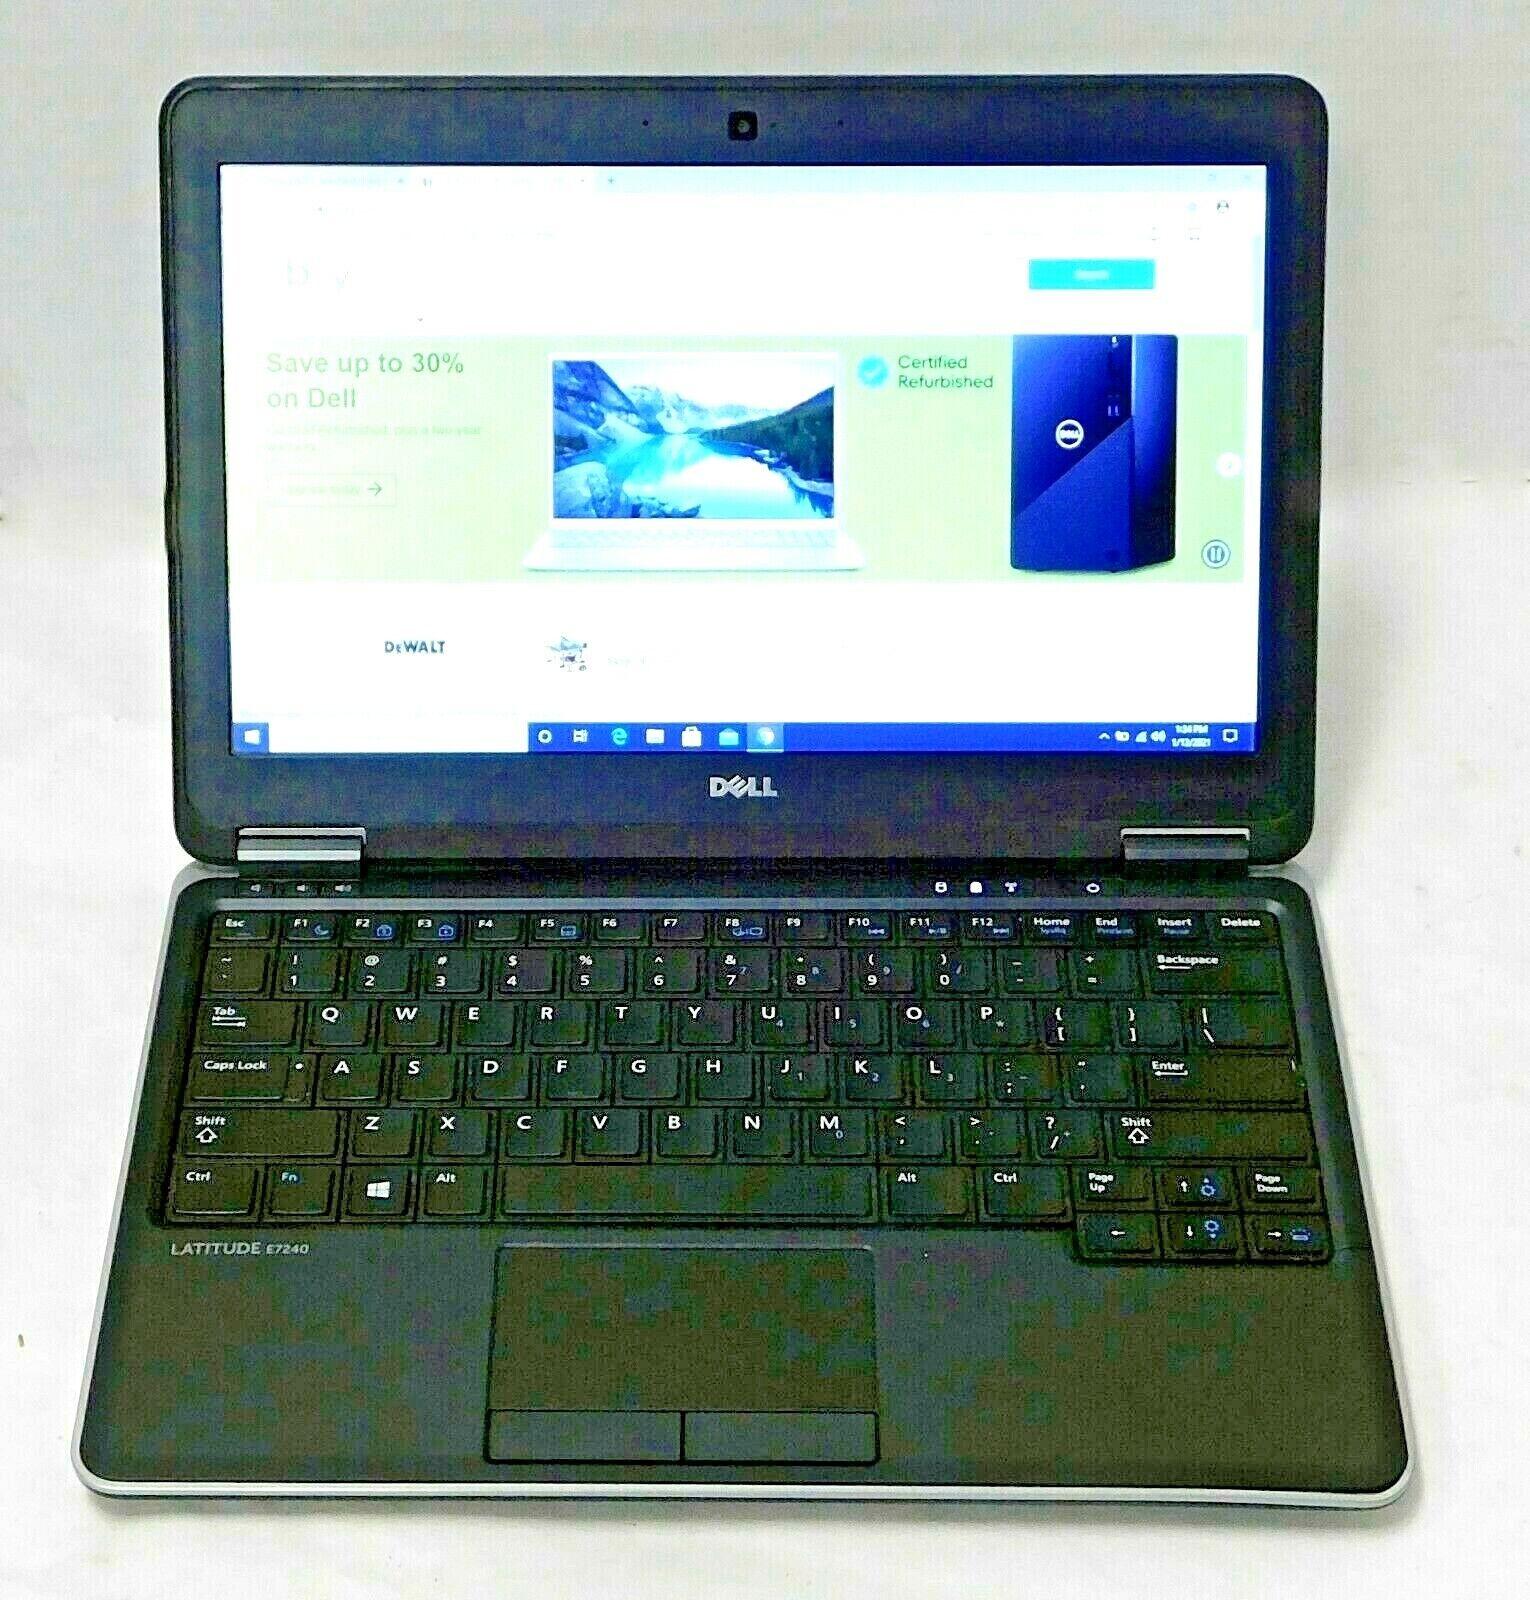 Laptop Windows - Dell Latitude E7240 - Intel Core i5,4th GEN, 4GB RAM, 128GB SSD, Windows 10